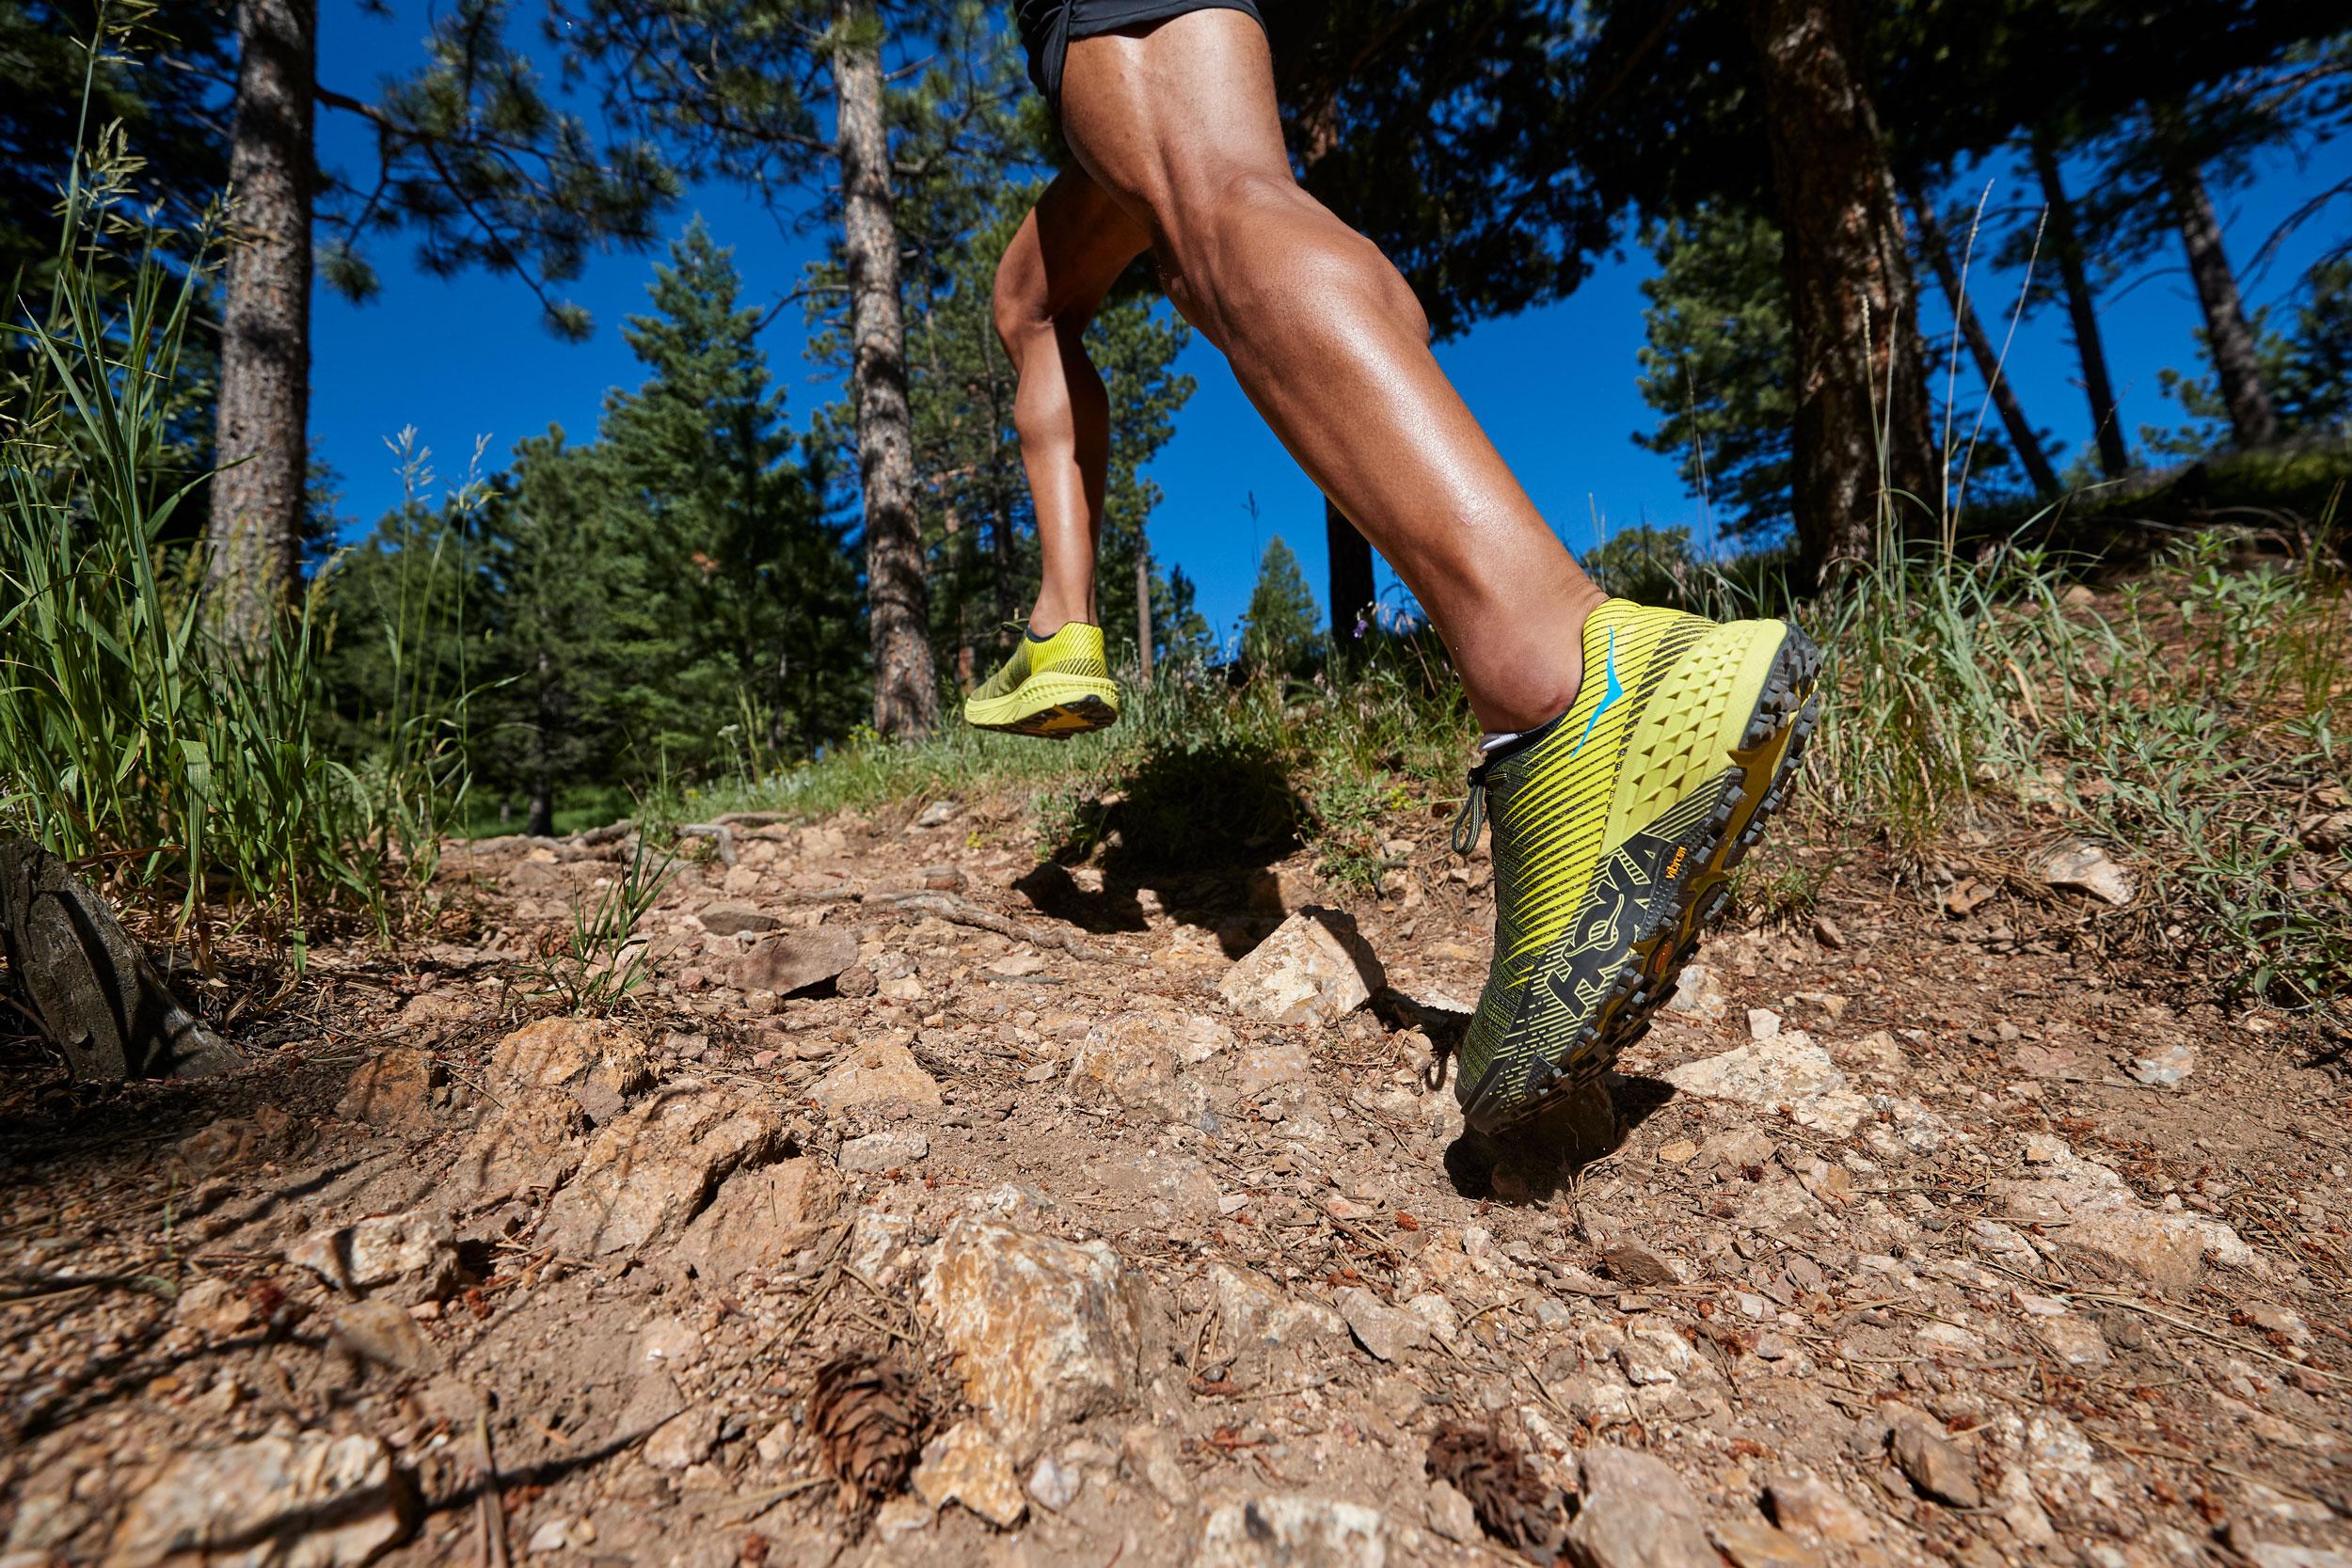 HOKA ONE ONE EVO Speedgoat trail running shoe